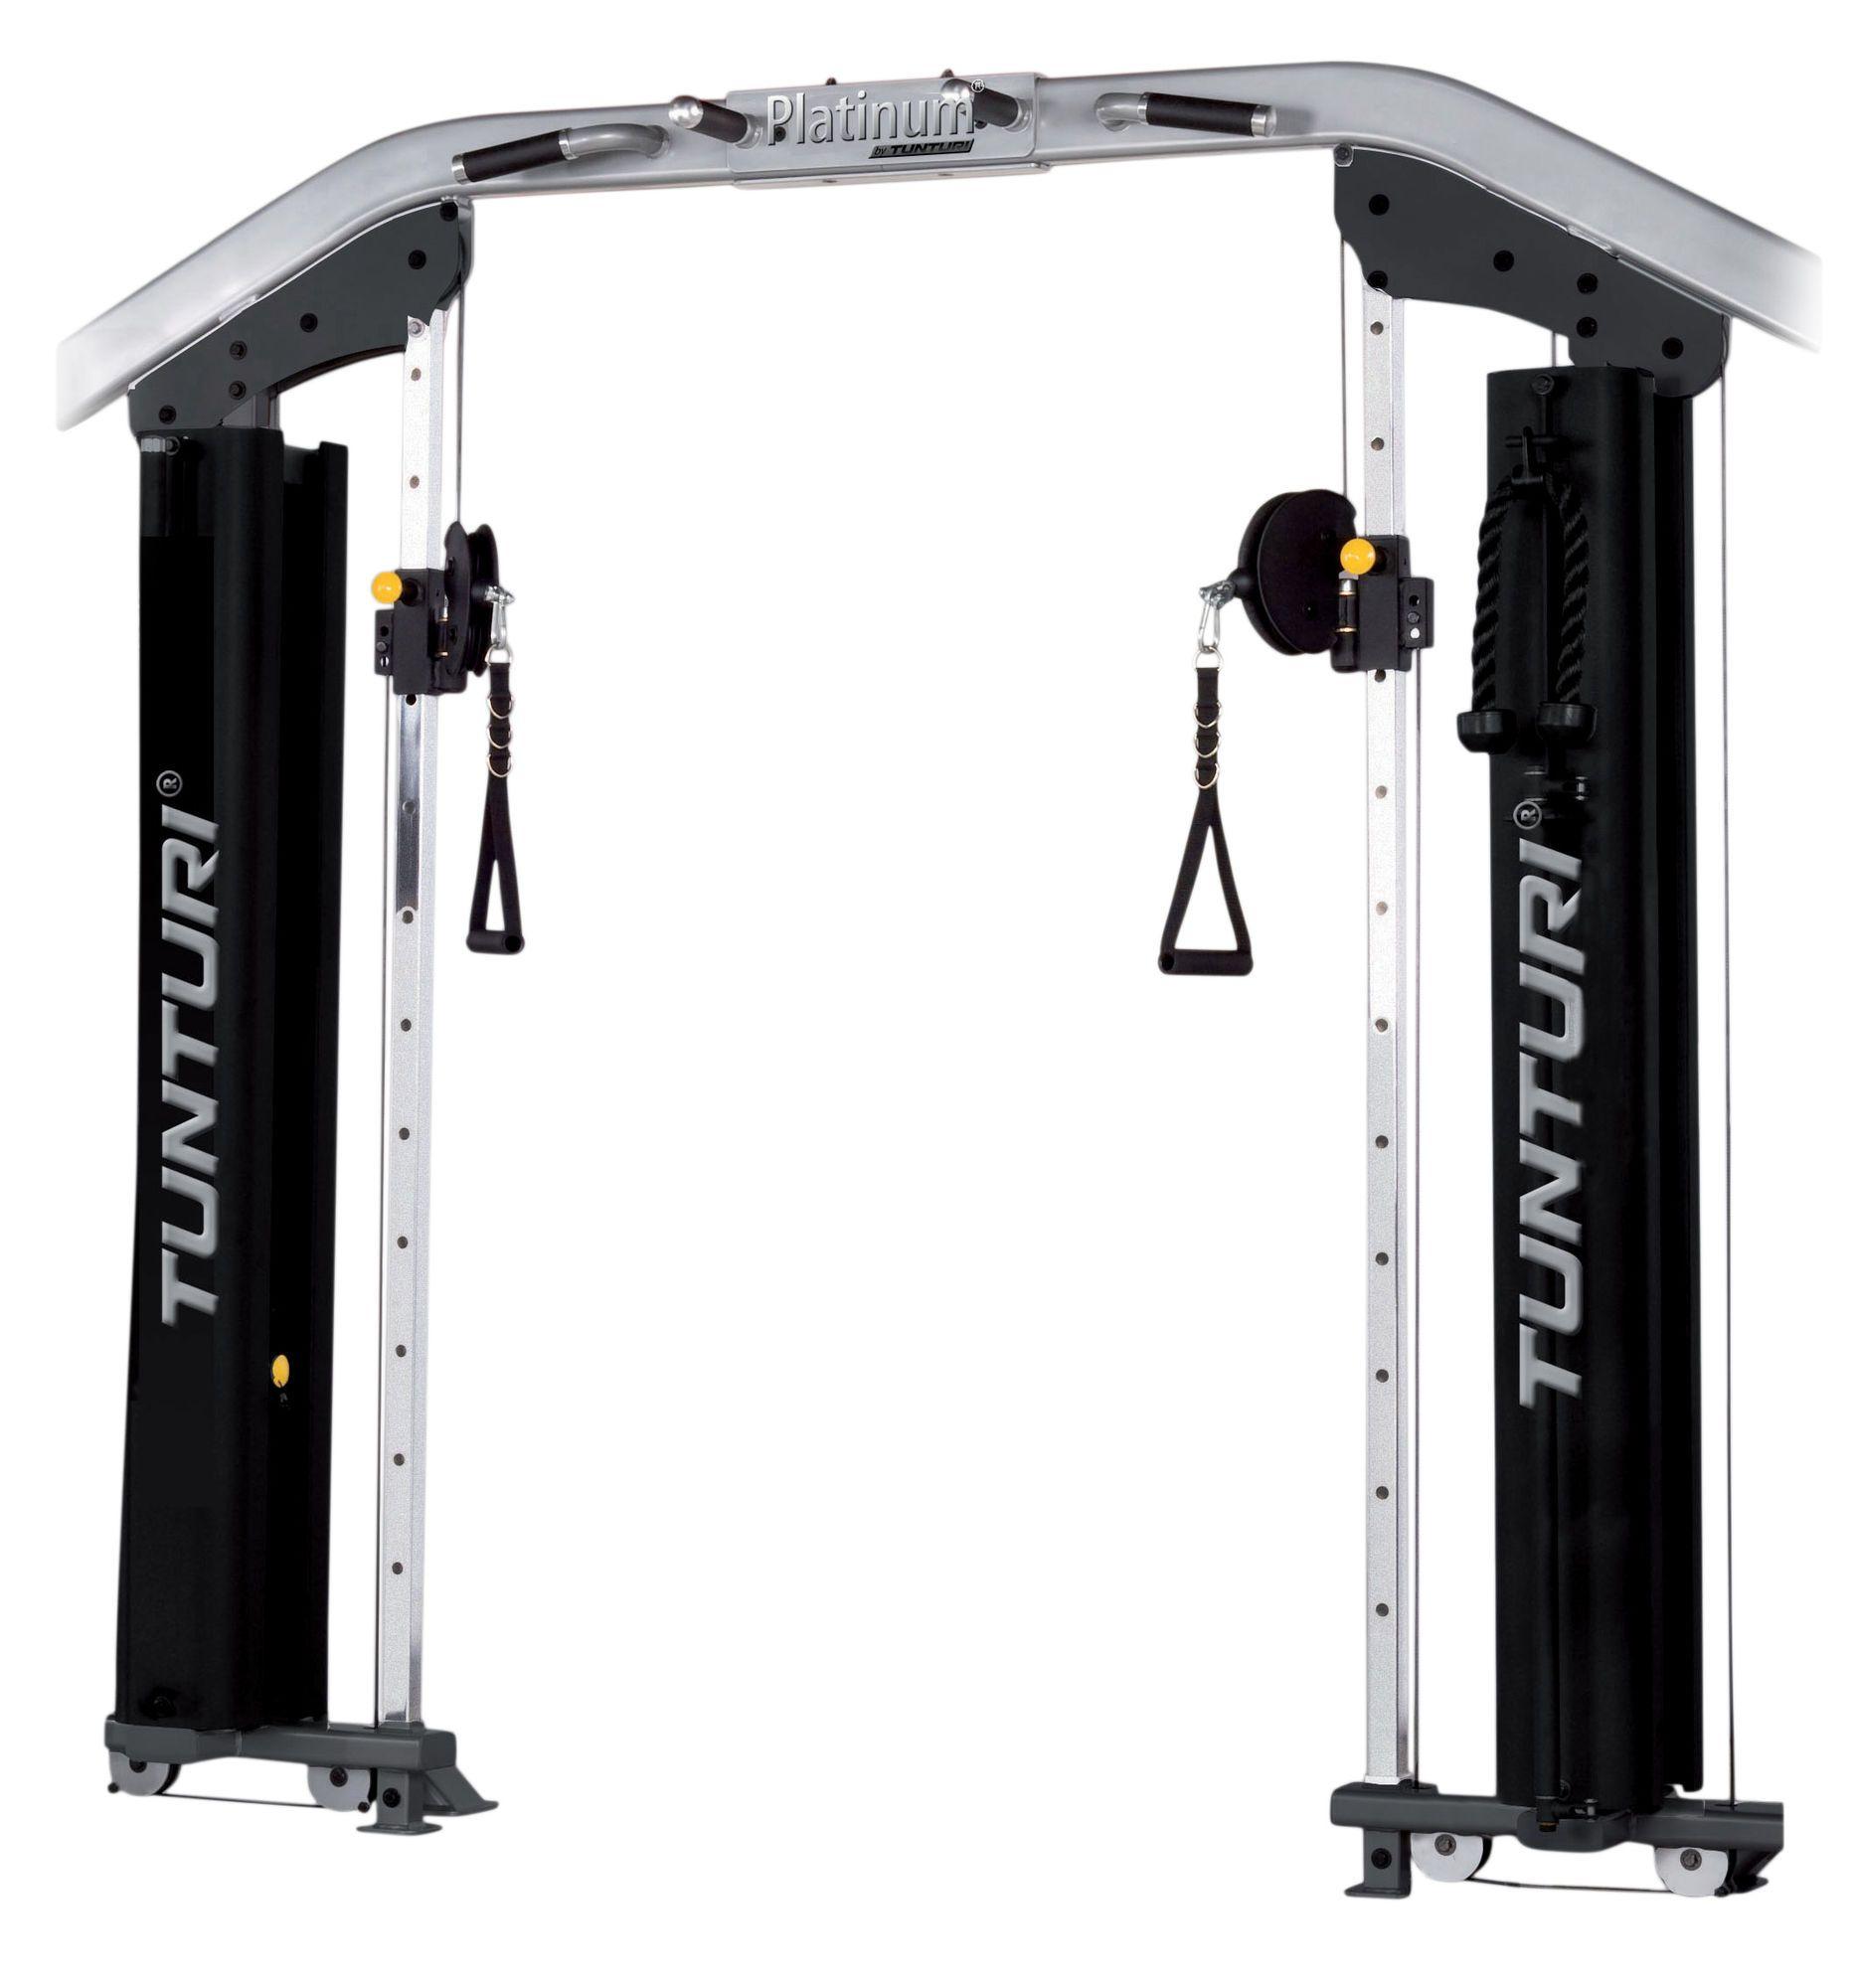 Afbeelding van Tunturi Platinum 4-in-1 Cable Cross Unit